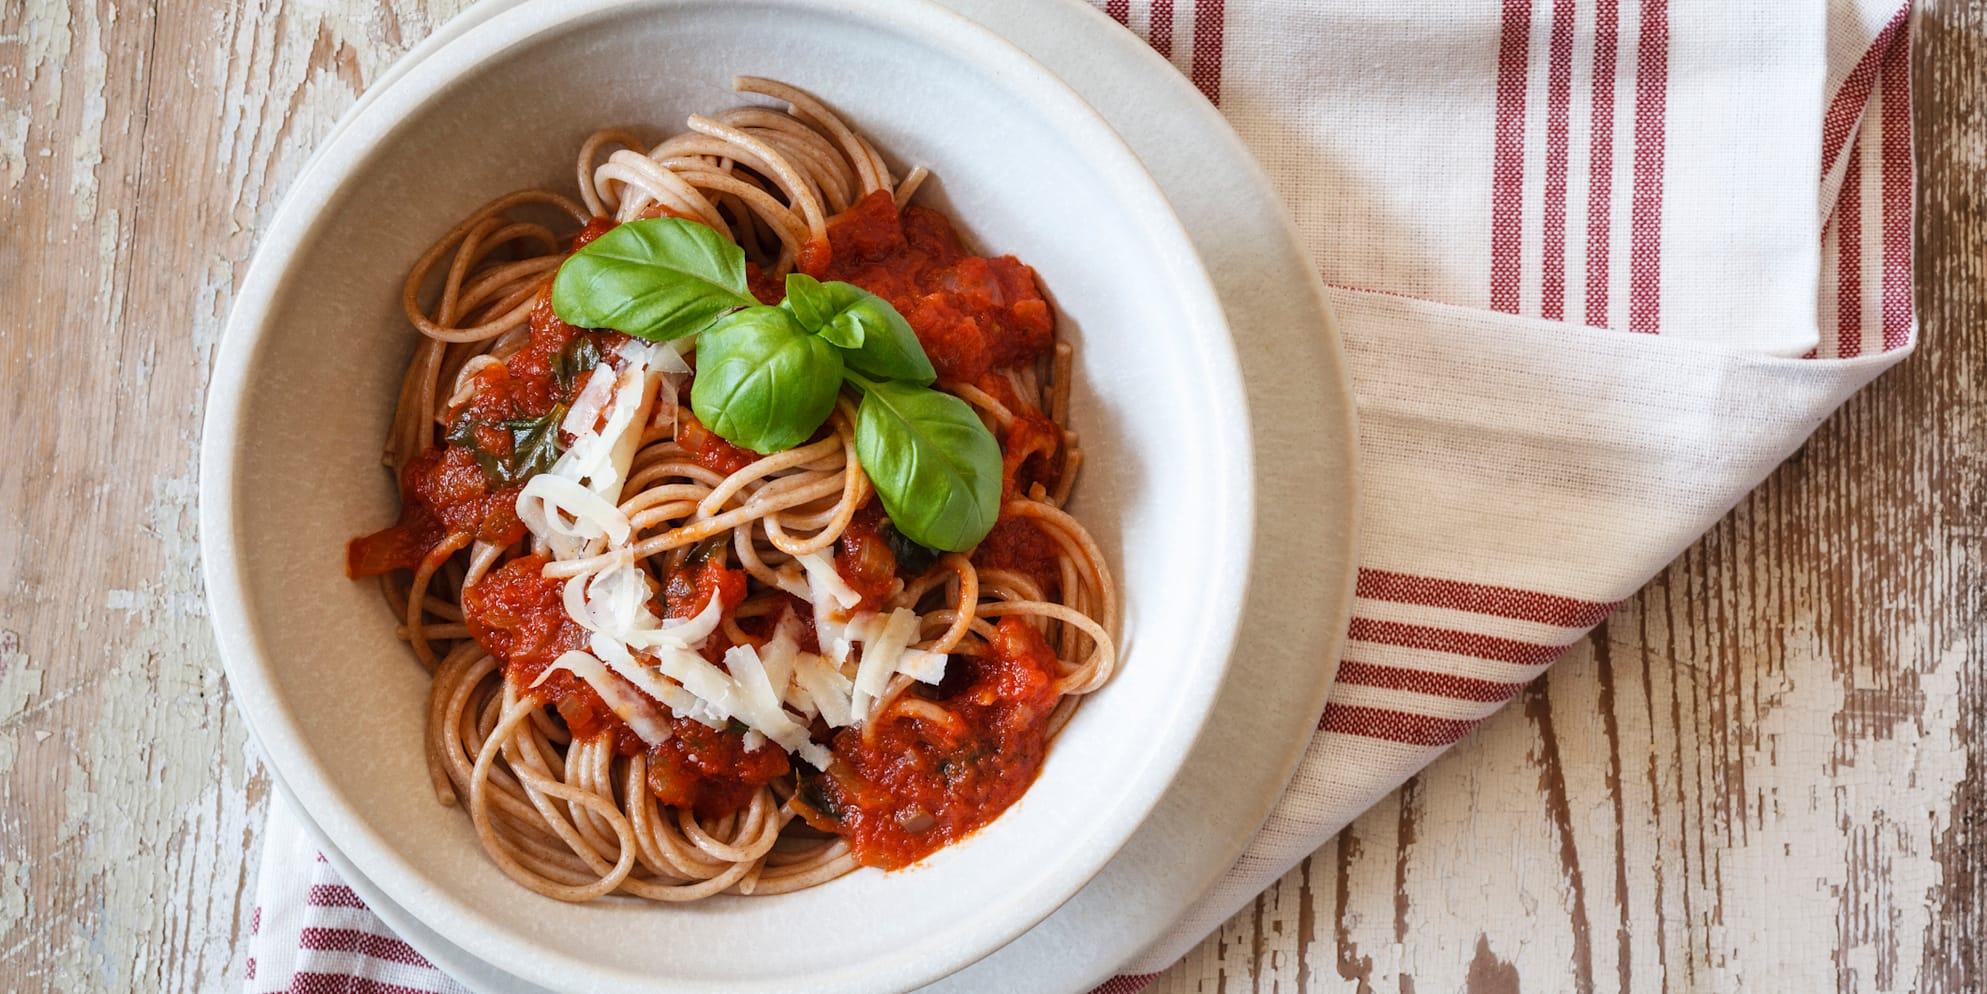 Bol, fourchette, personne, nourriture et boisson, sauce, sauce tomate, nouilles, pâtes, spaghetti, fraîcheur, salle intérieure, photo en studio, panorama, bois, cuisine saine, fromage, parmesan, repas complet, épice, herbes, basilic, torchon, épeautre, cuisine italienne, épice, nourriture et boisson, pâtes d'épeautre, spaghetti complets